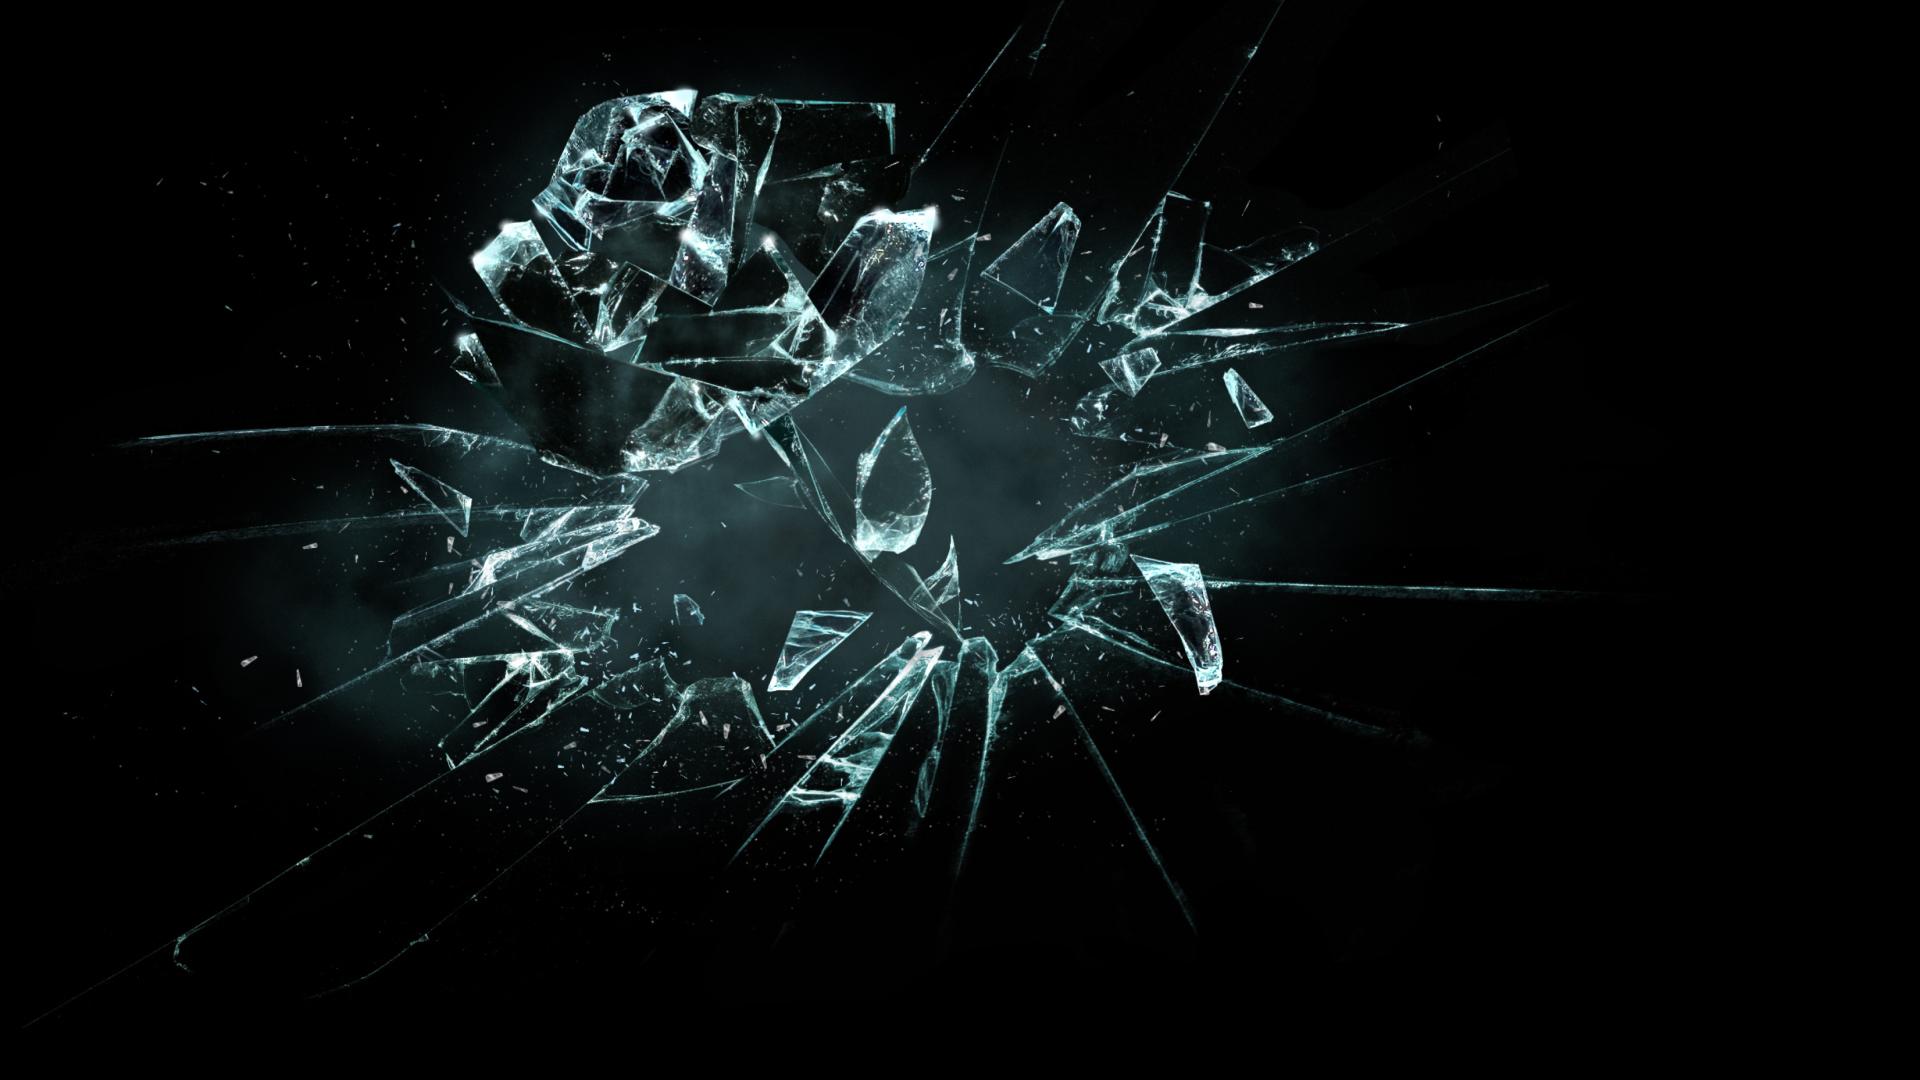 3D-Broken-Glass-1920x1080